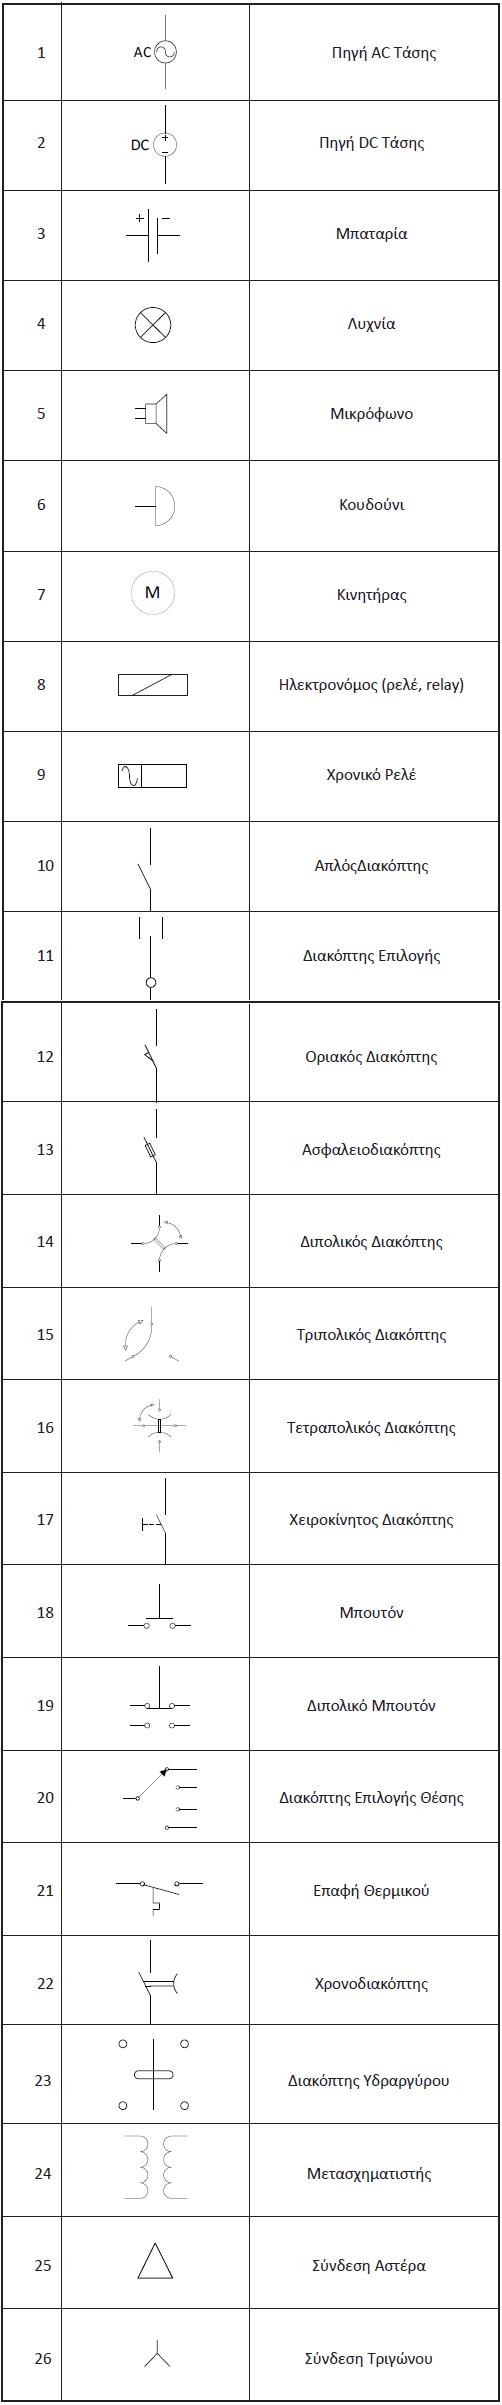 Πίνακας 7.1: Σύμβολα Στοιχείων Βιομηχανικών Αυτοματισμών